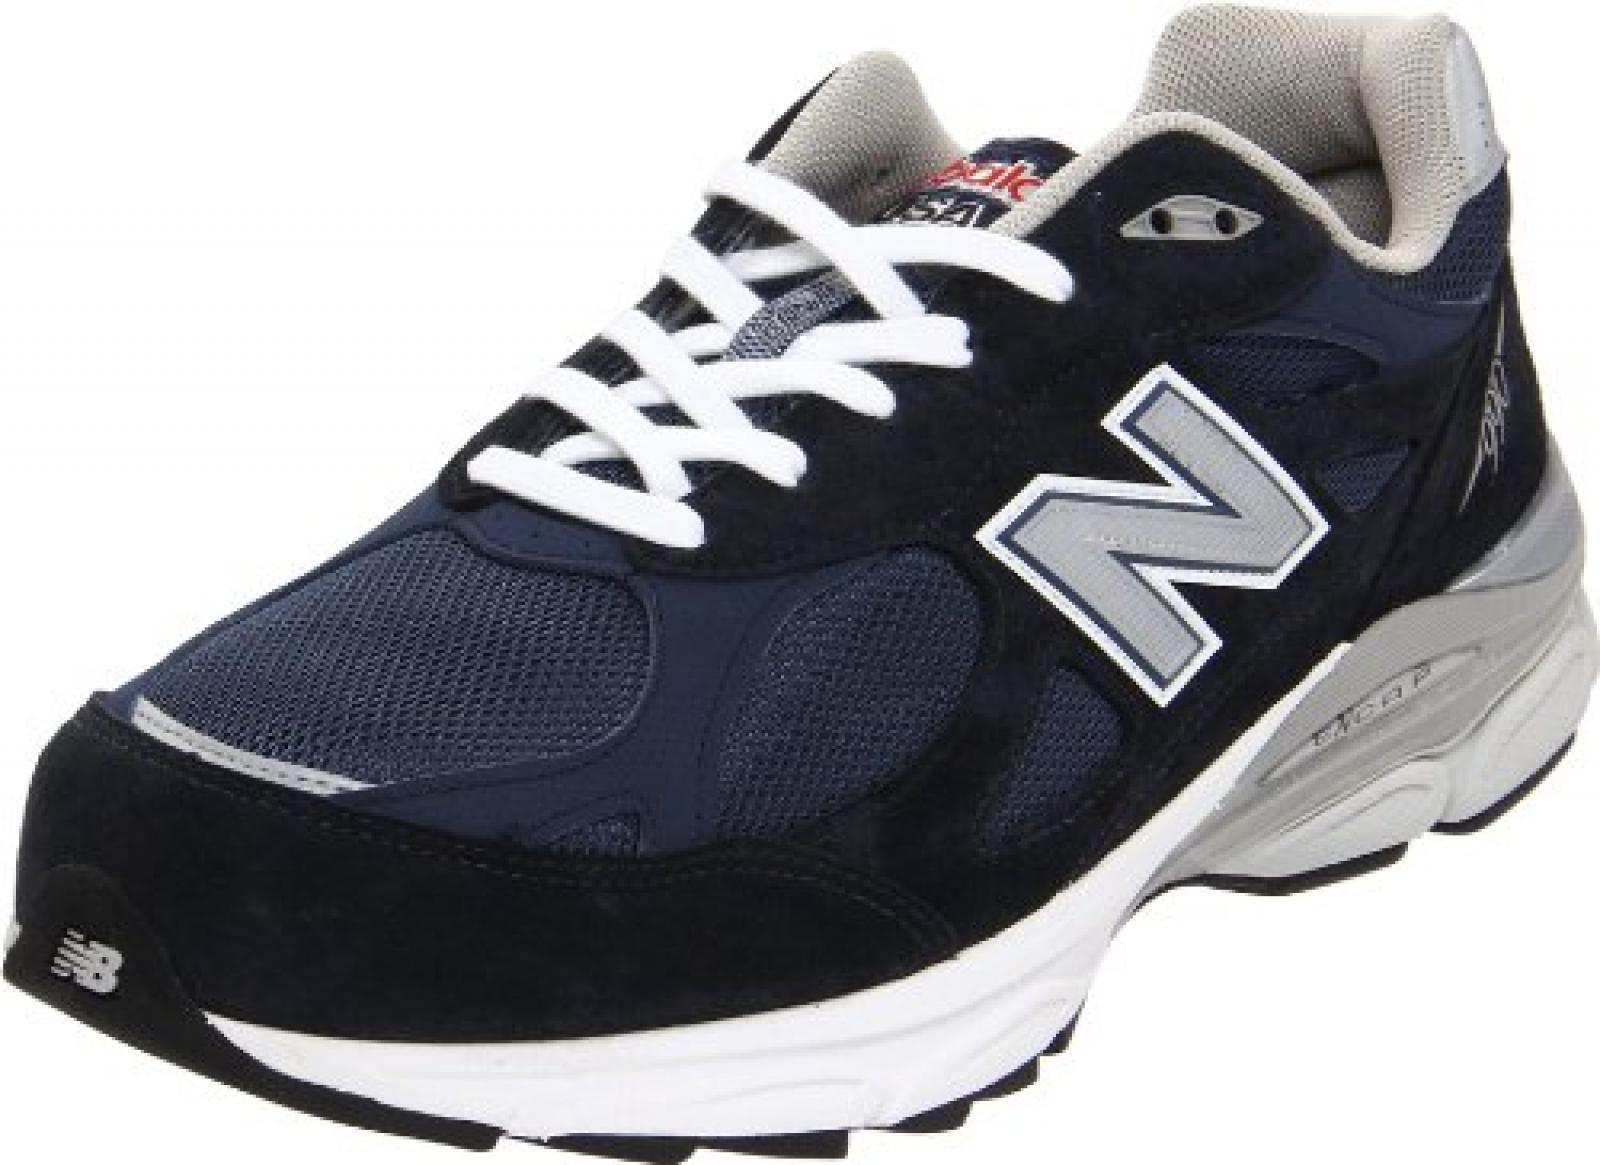 New Balance M990NV3 231801-60 Herren Sportschuhe - Running